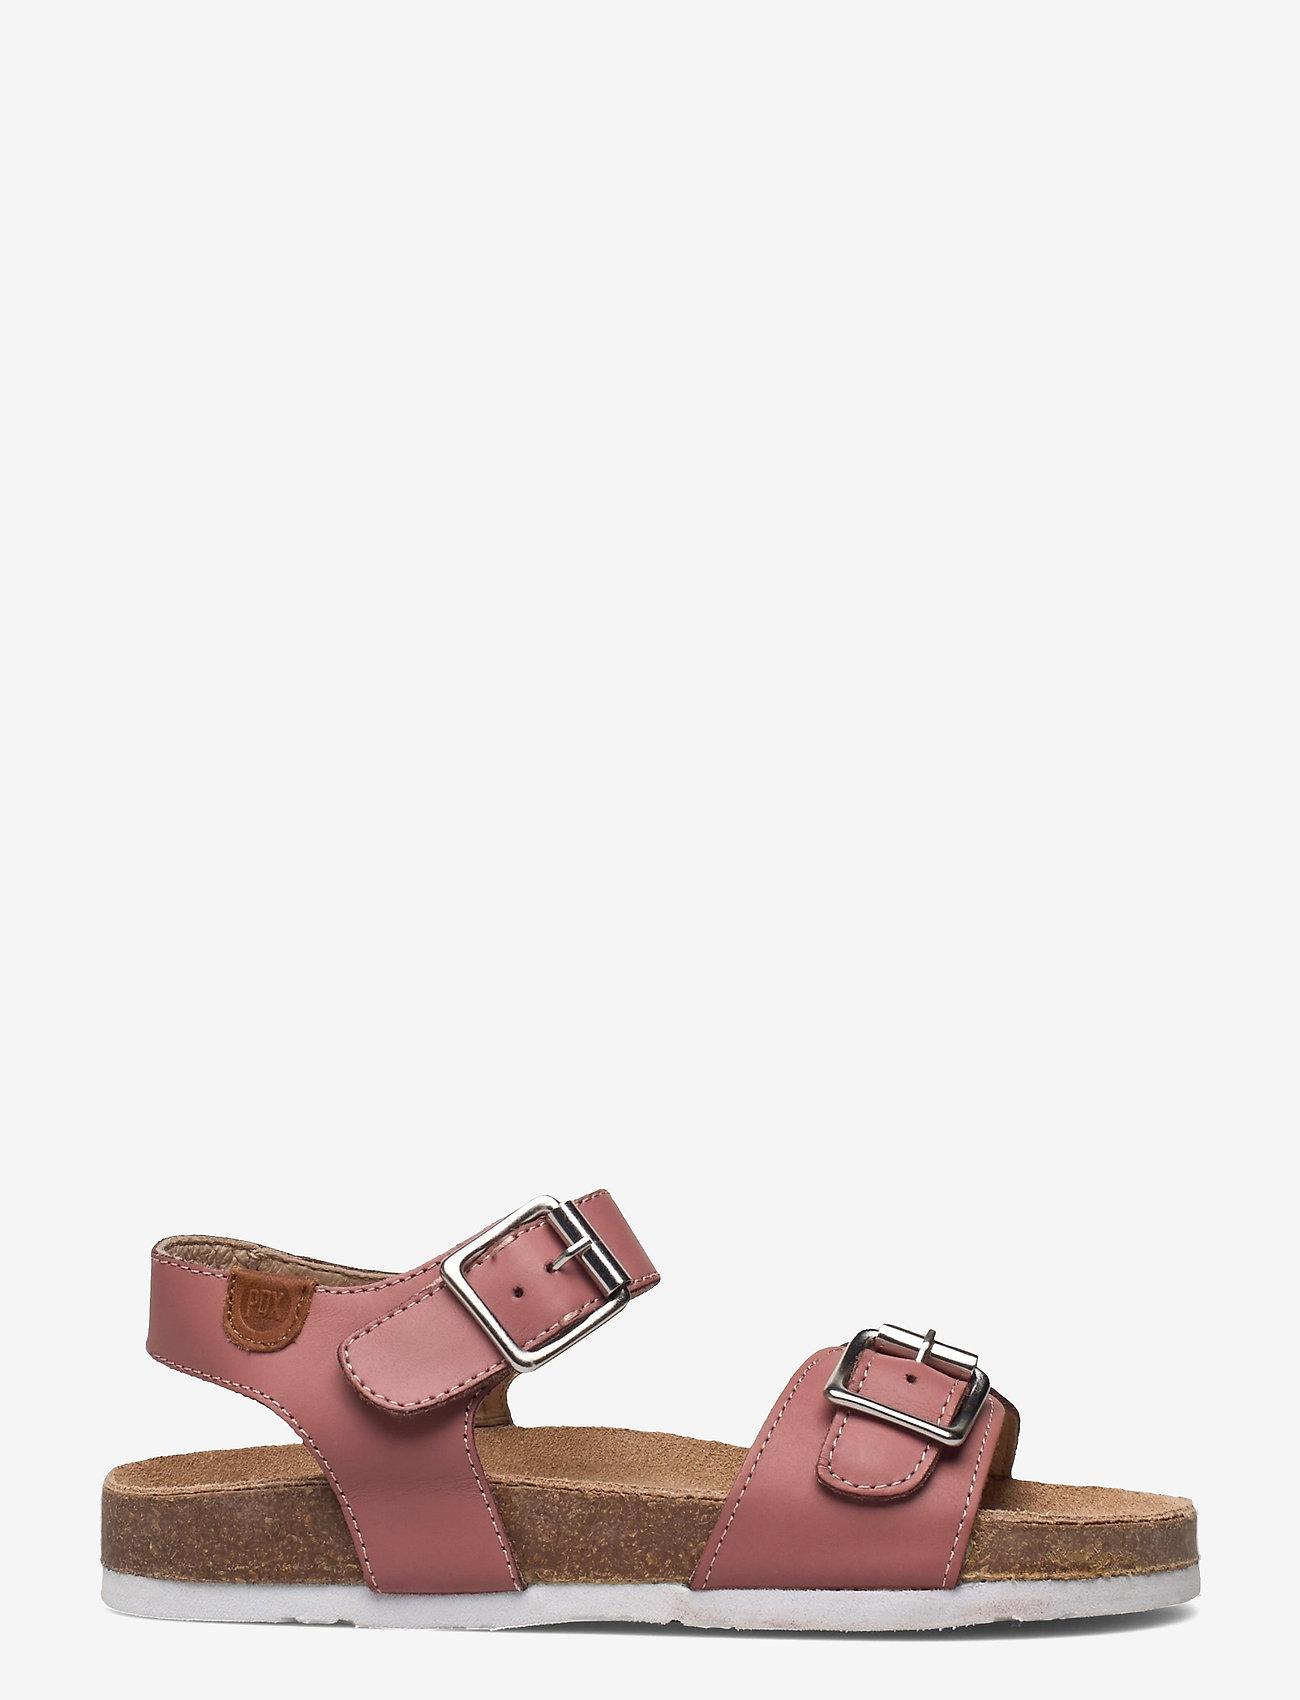 PAX - JURA - schuhe - soft pink - 1